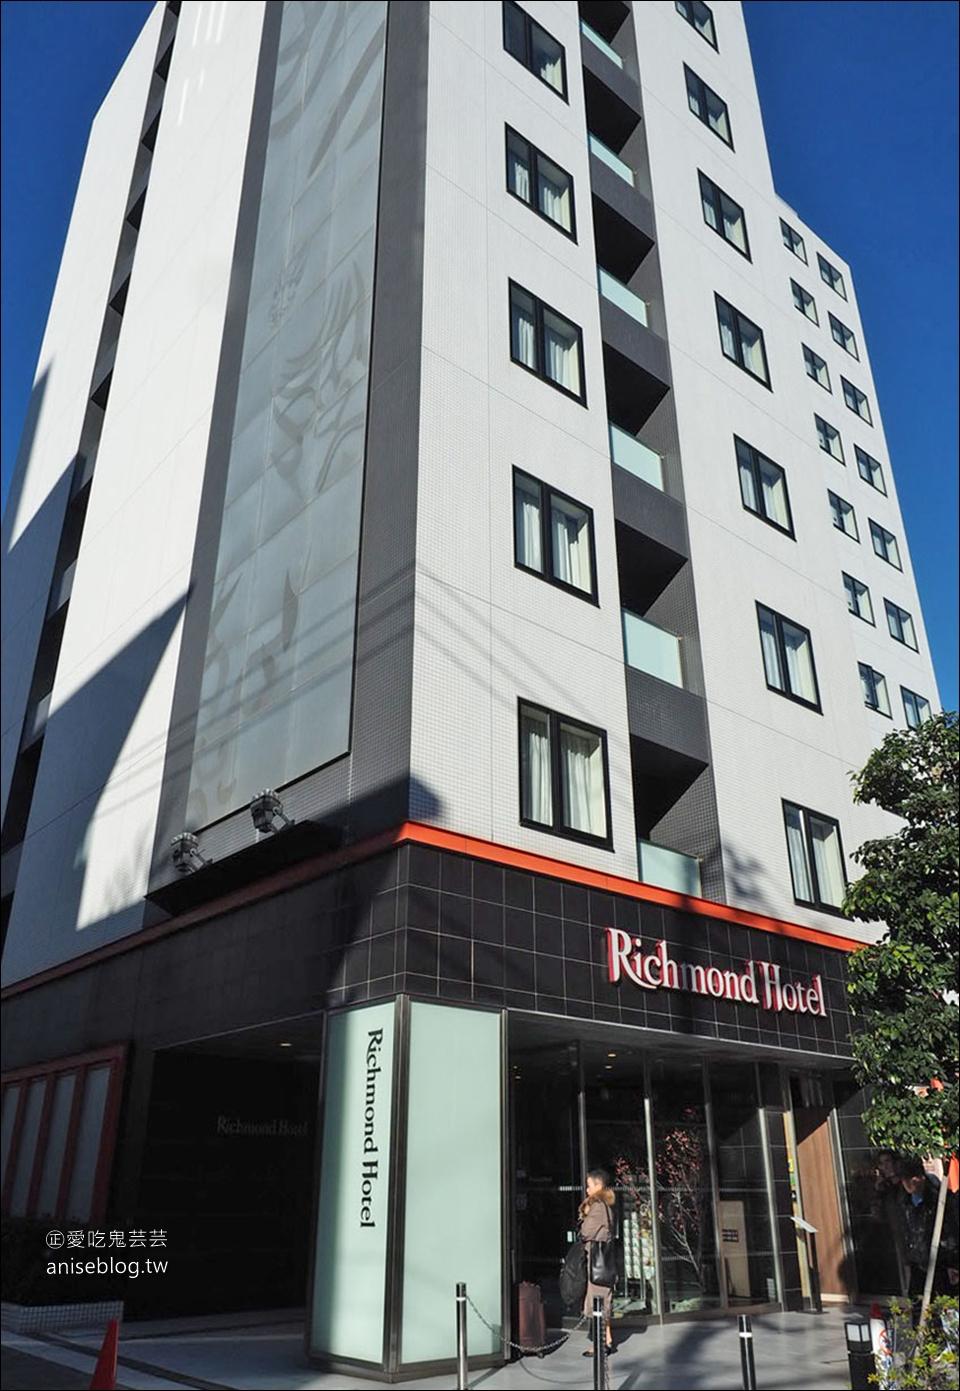 東京淺草住宿推薦   Richmond hotel 里士滿淺草國際酒店,地理位置絕佳床大又舒適